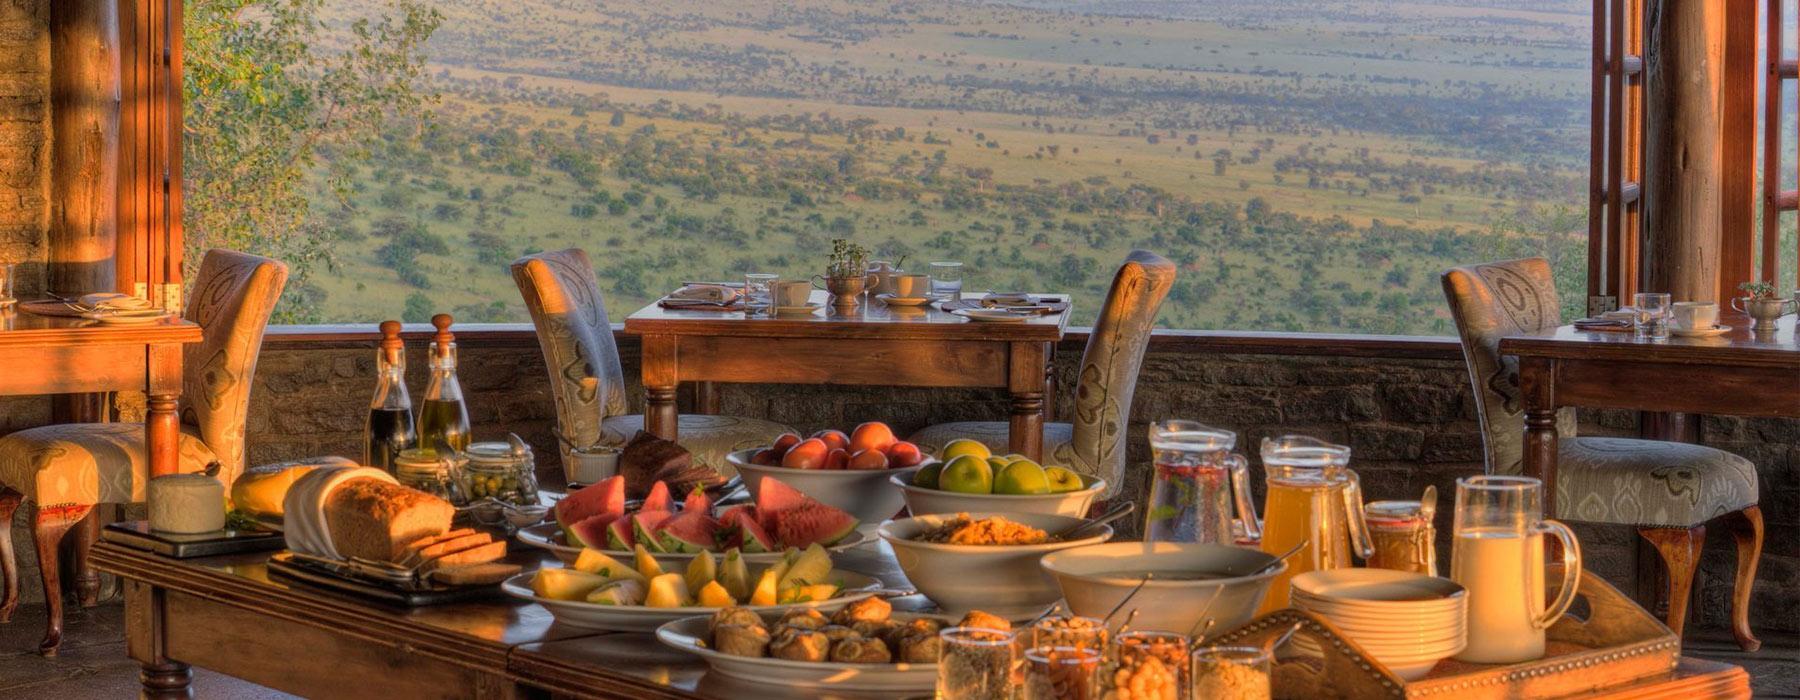 Tanzania Safari Food